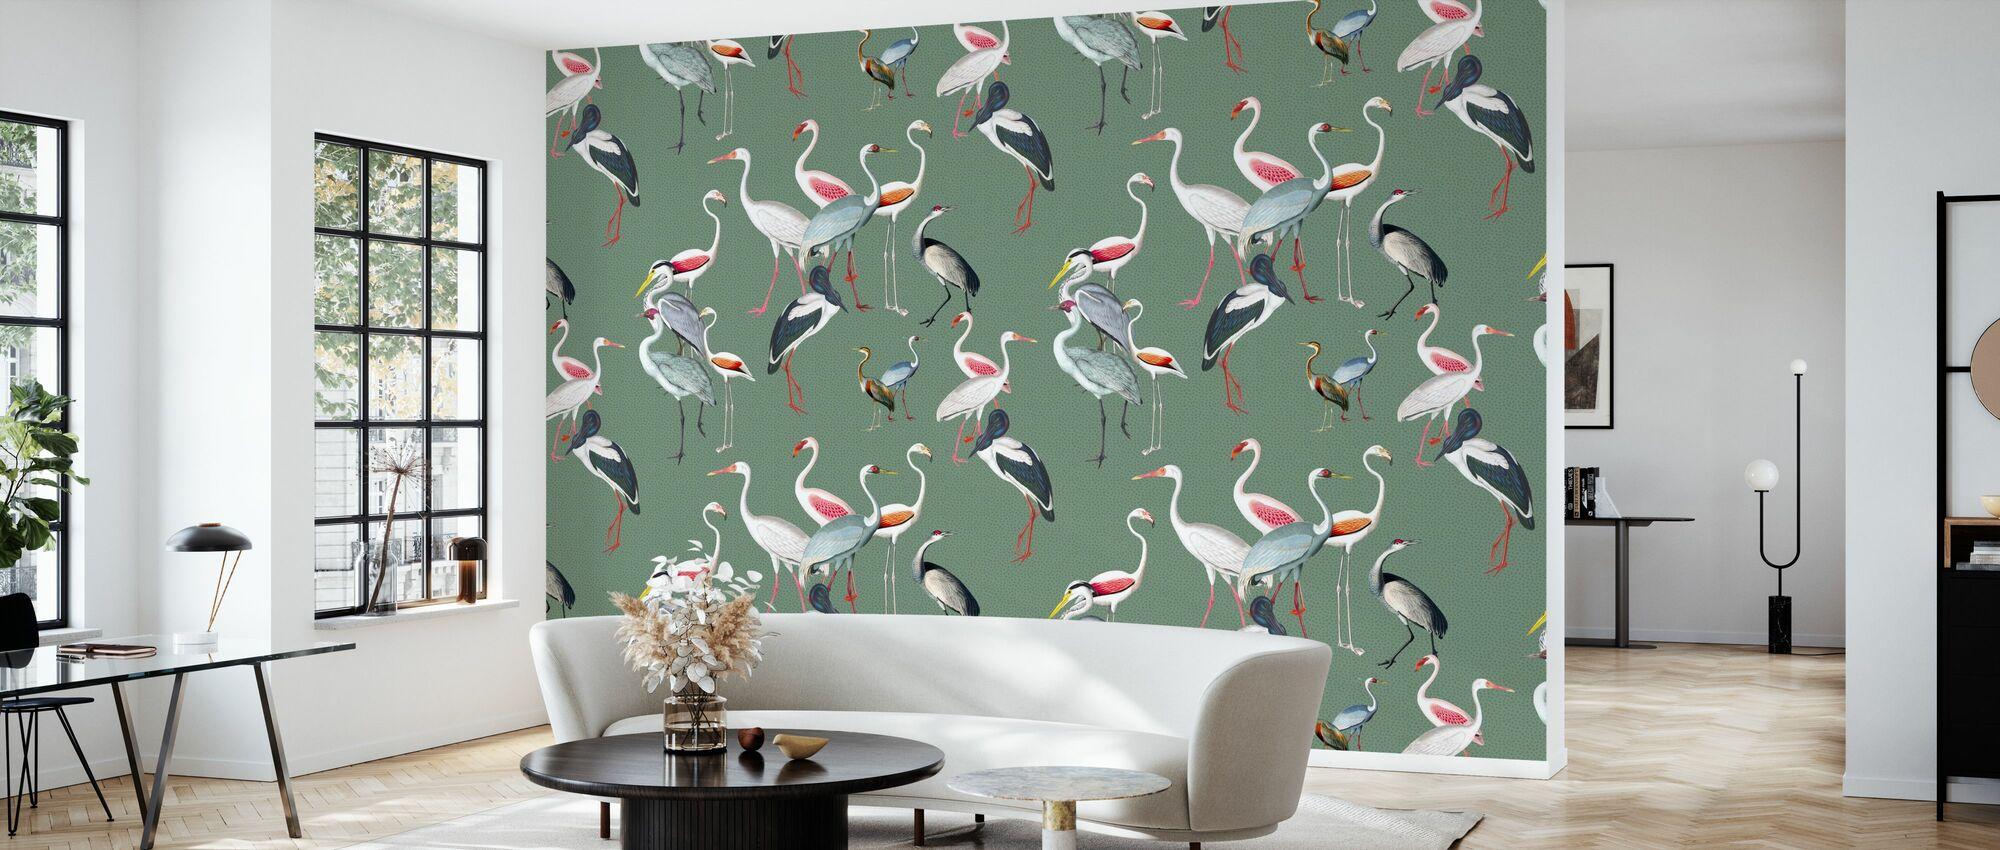 Langhalsvogel Harmony Grün - Tapete - Wohnzimmer